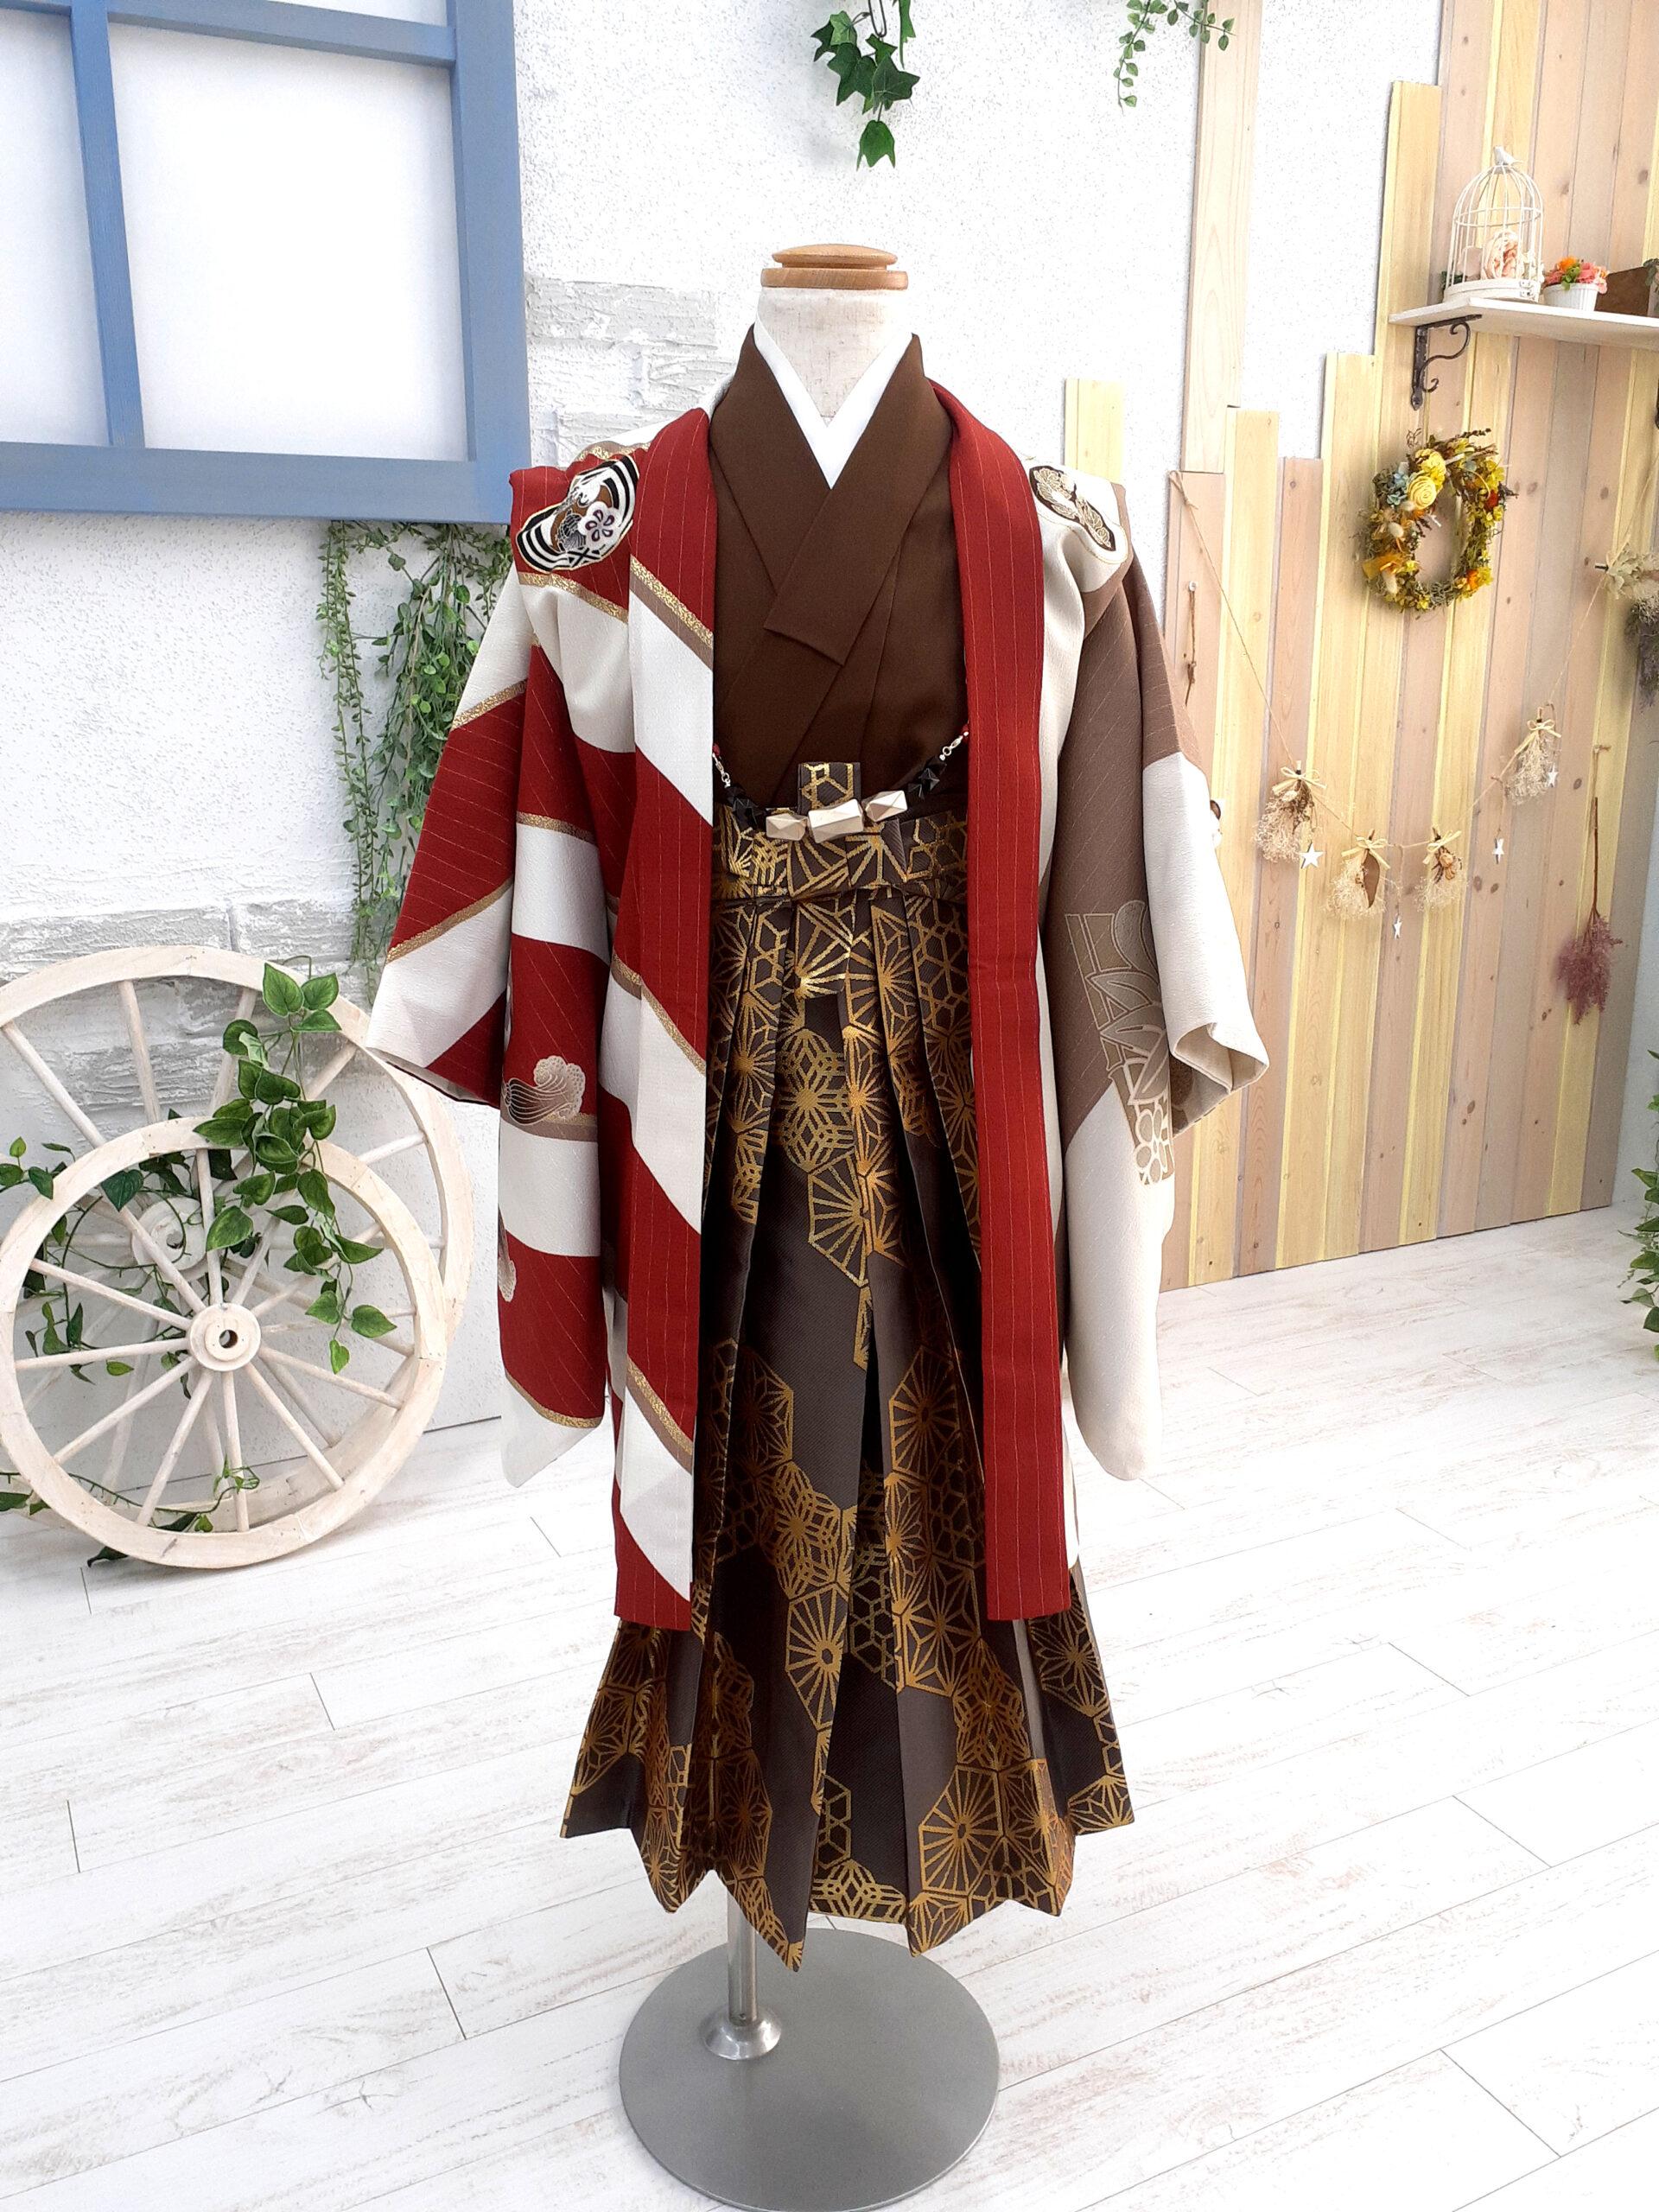 新入荷着物 5歳の着物 流行カラーのモダン着物